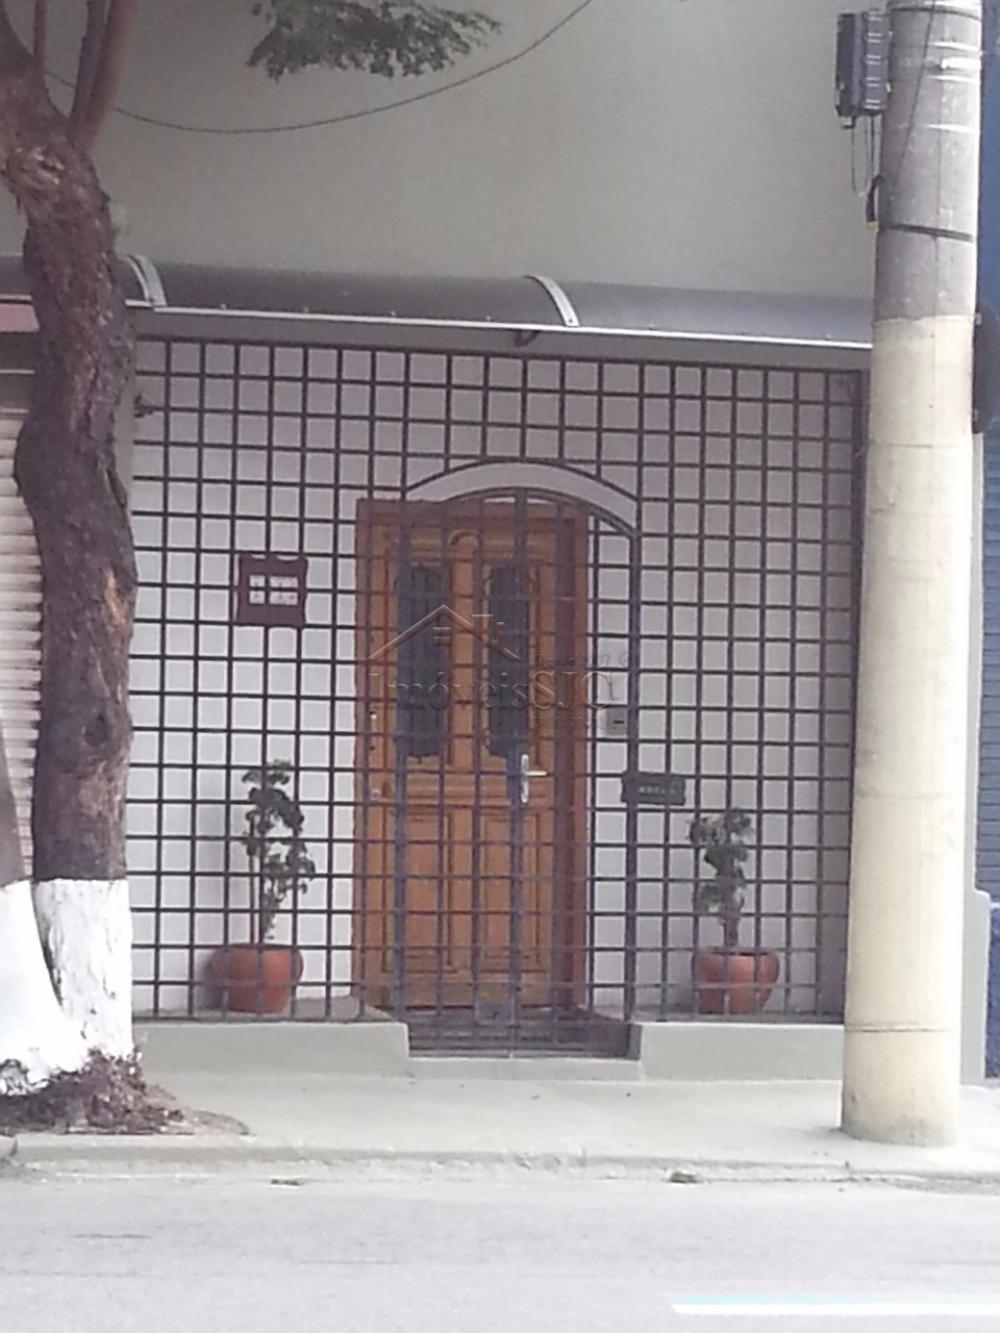 Alugar Comerciais / Casa Comercial em São José dos Campos apenas R$ 2.500,00 - Foto 1